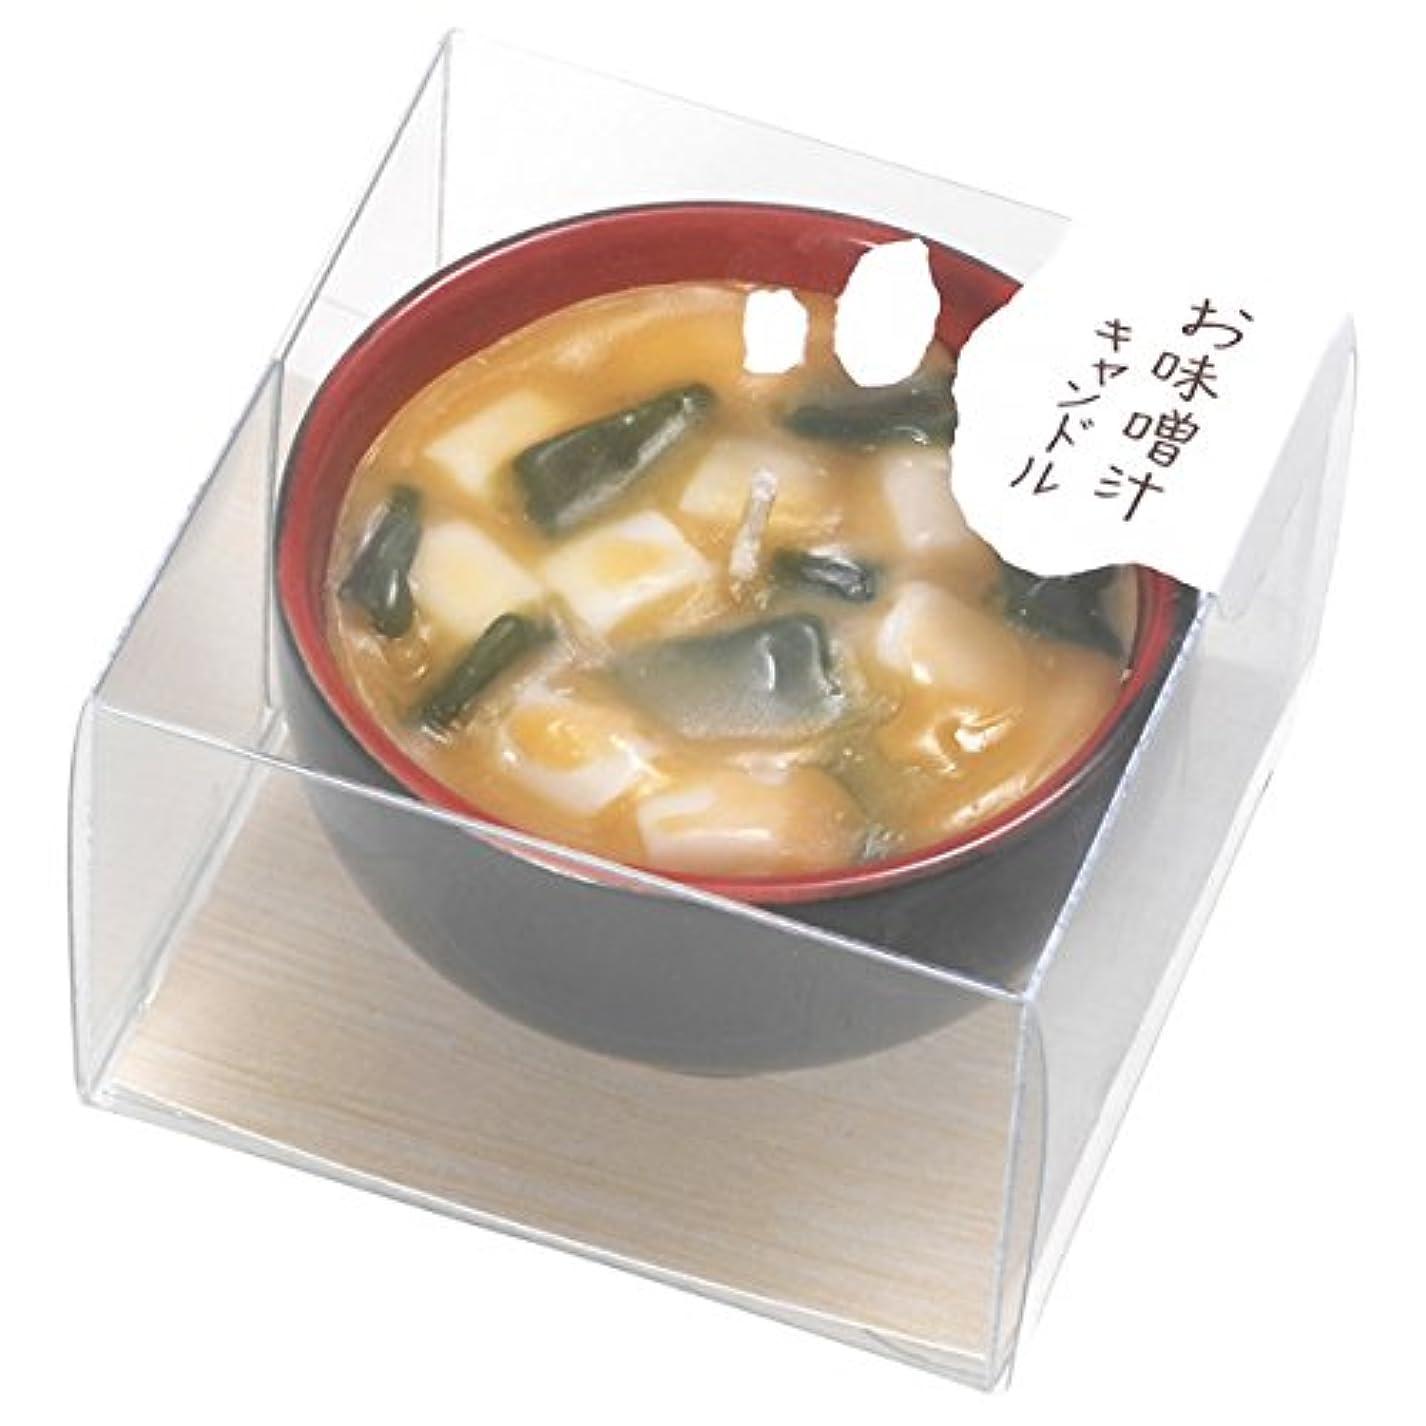 分析的なストロークパンダお味噌汁キャンドル 86950000